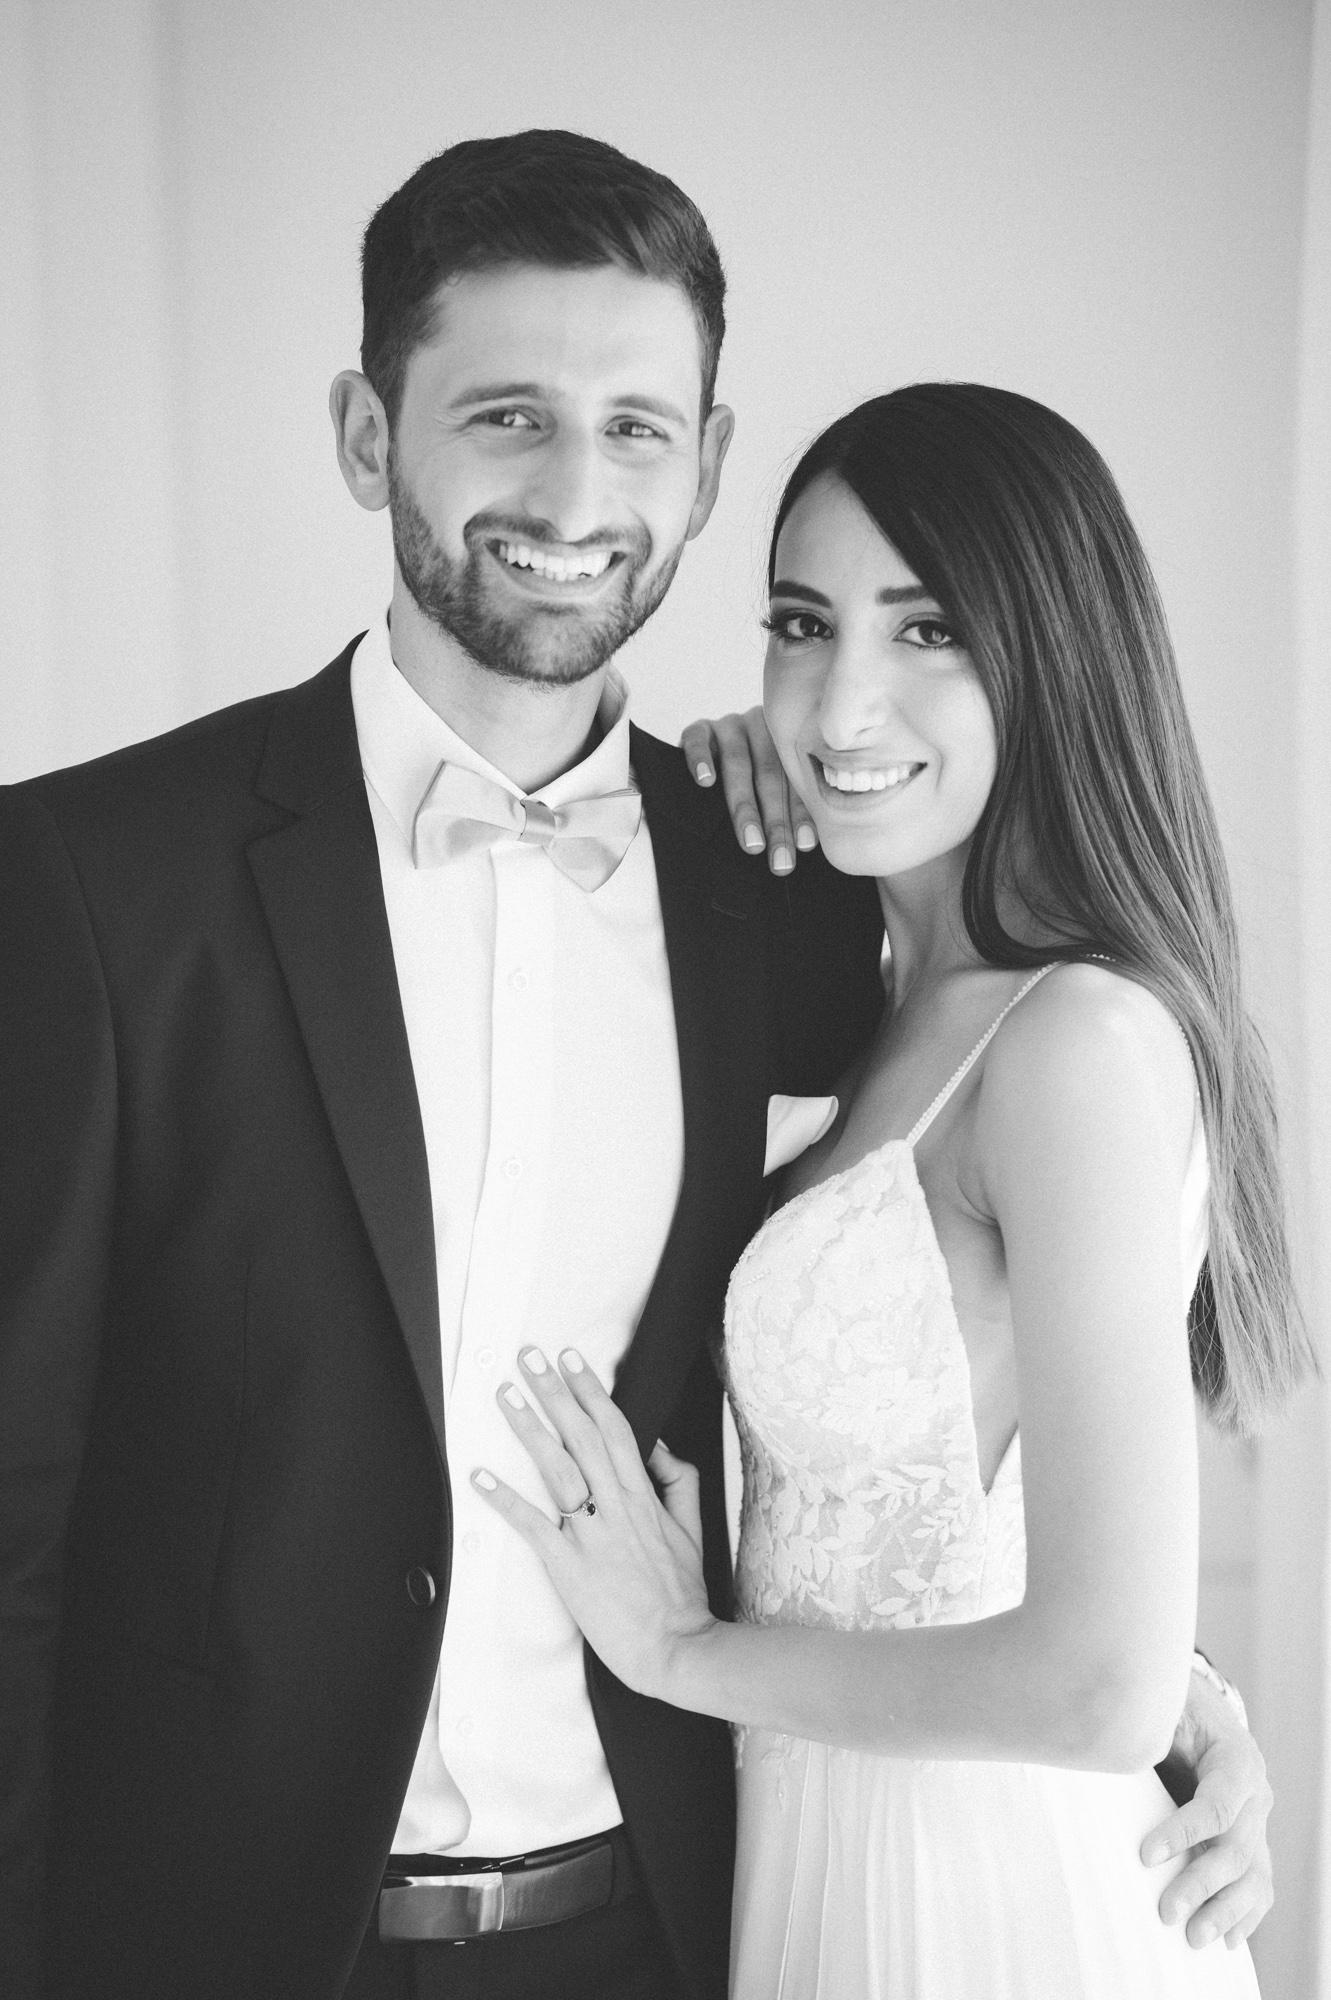 Wedding photos by - Asaf Kliger-26.jpg